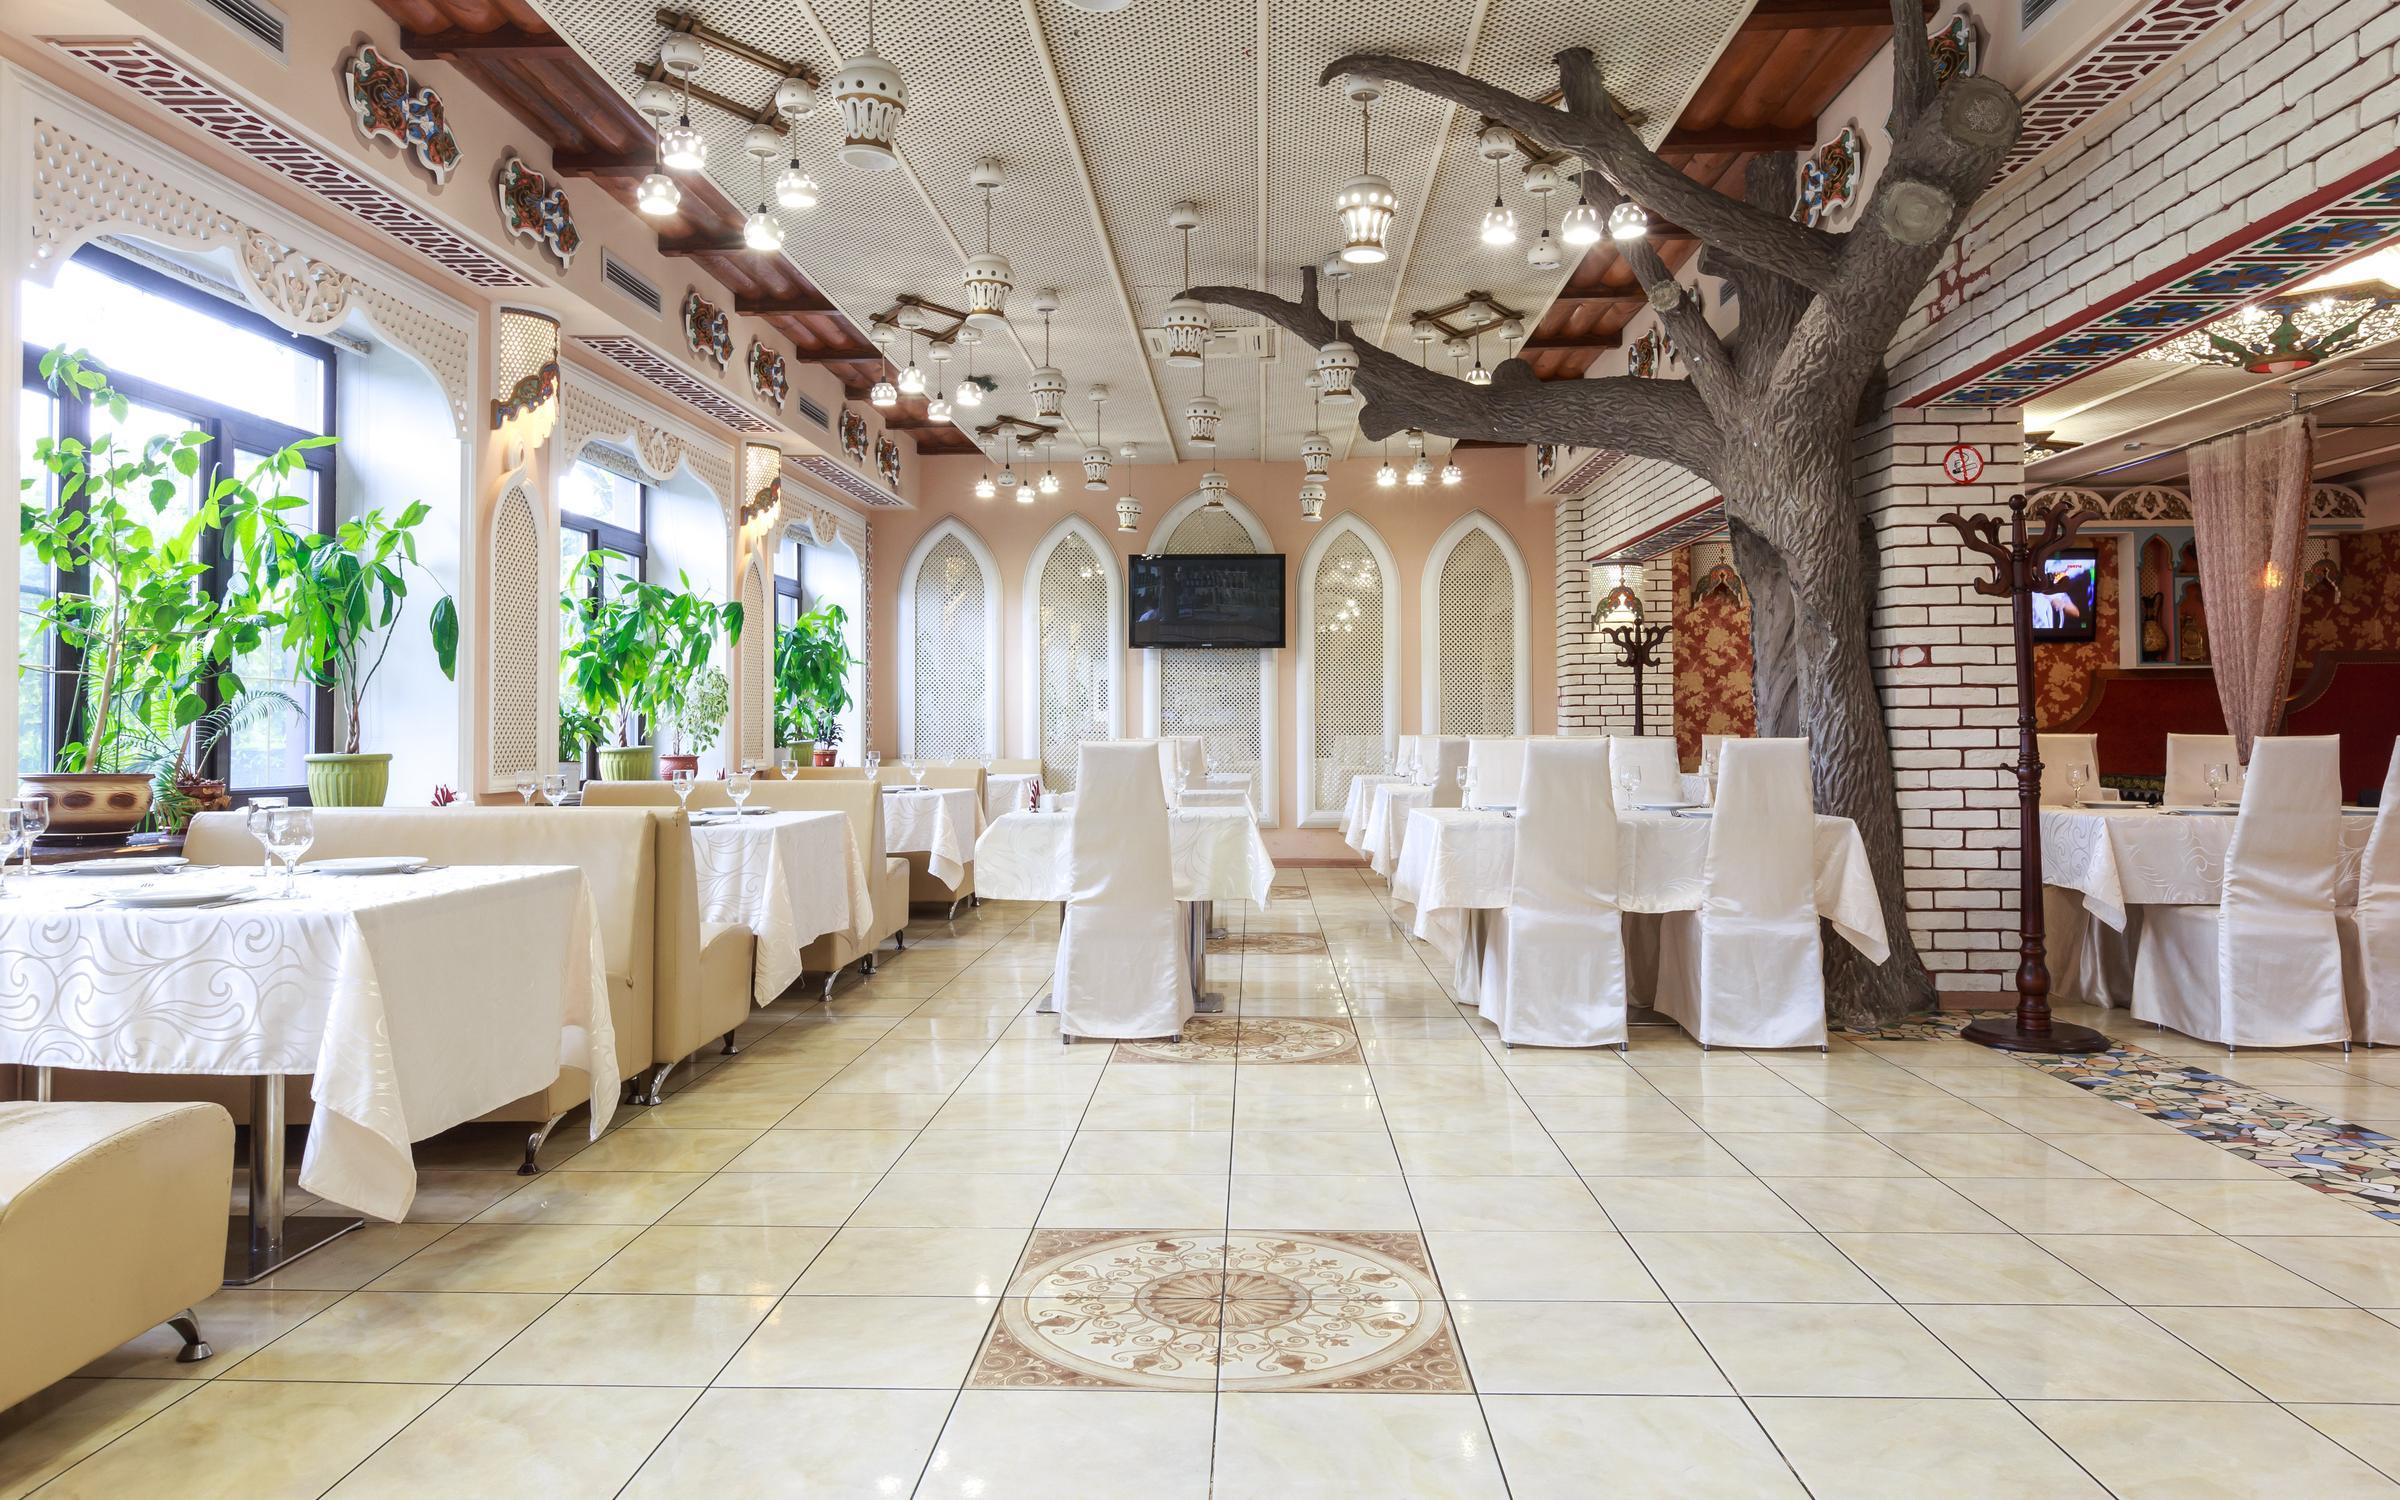 фотография Ресторана Старый дуб в Кузьминках